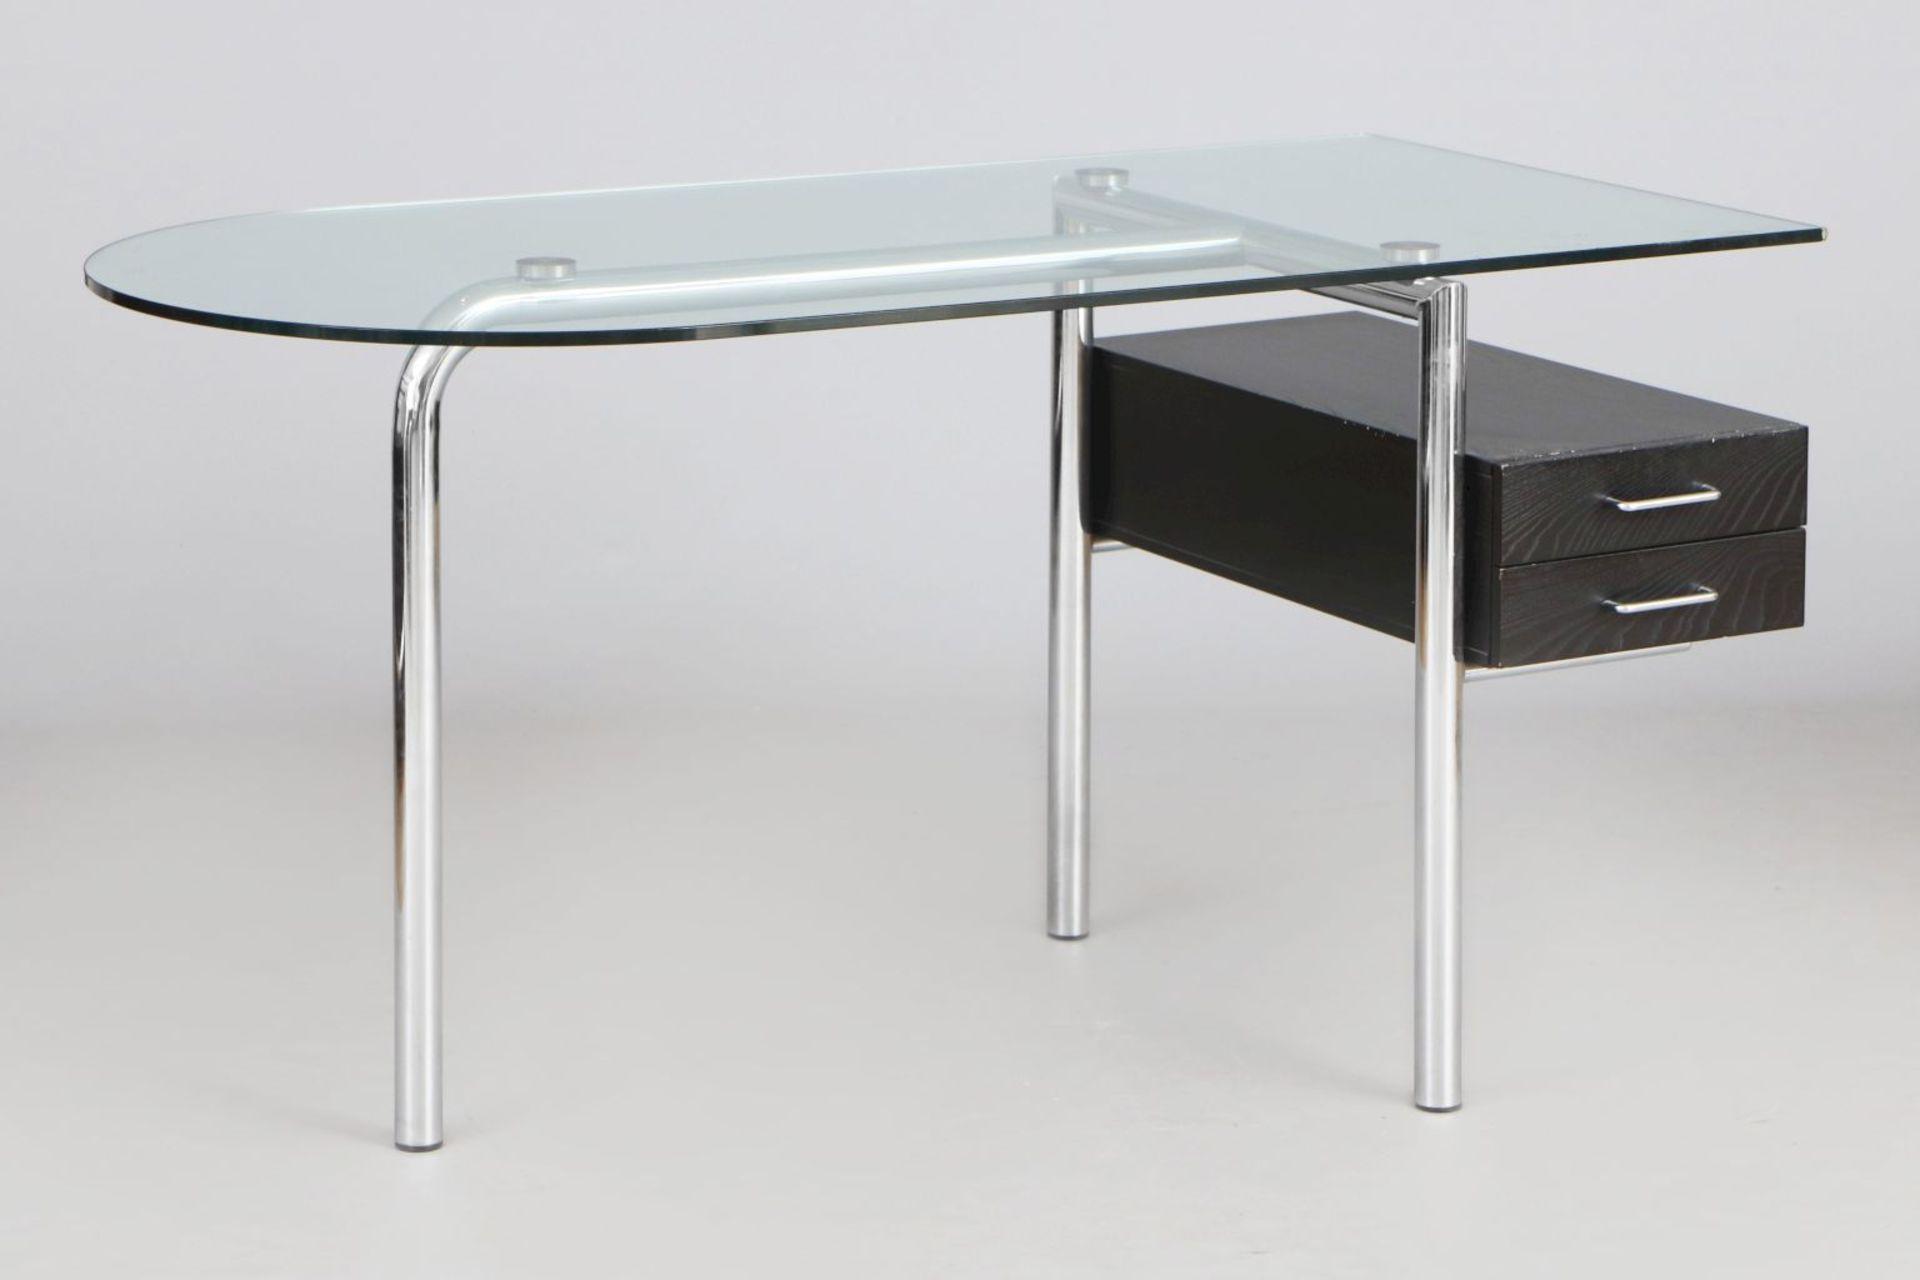 MIRTO Schreibtisch im Stile des Bauhaus - Bild 3 aus 3